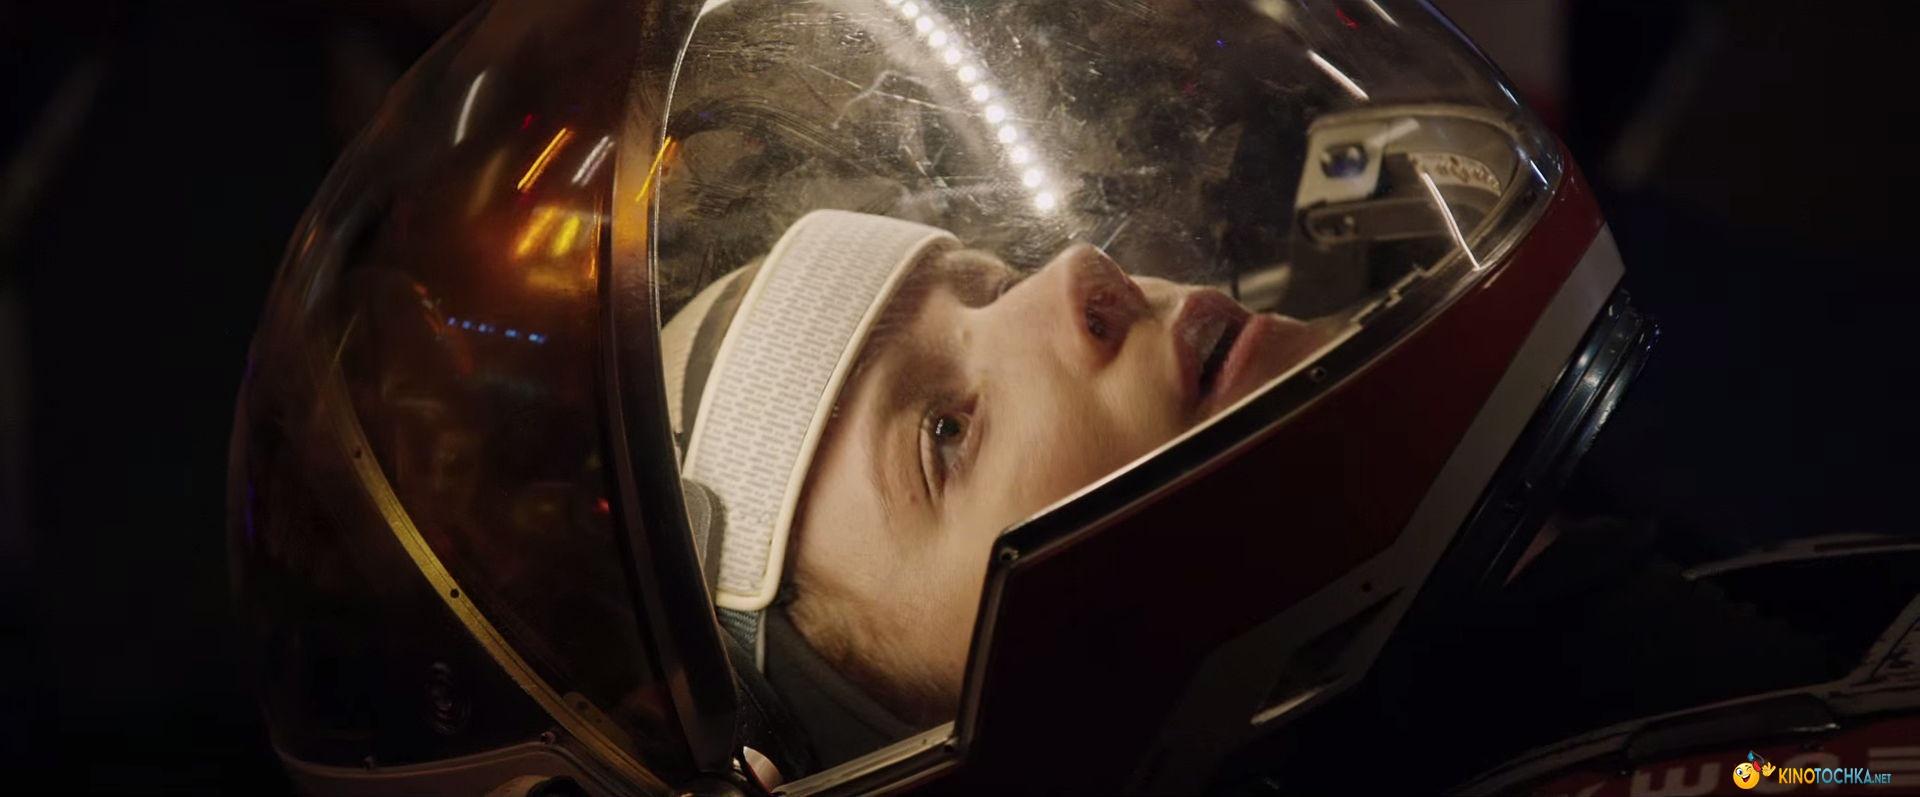 Тайна 7 сестер Фильм 2017 смотреть онлайн в хорошем